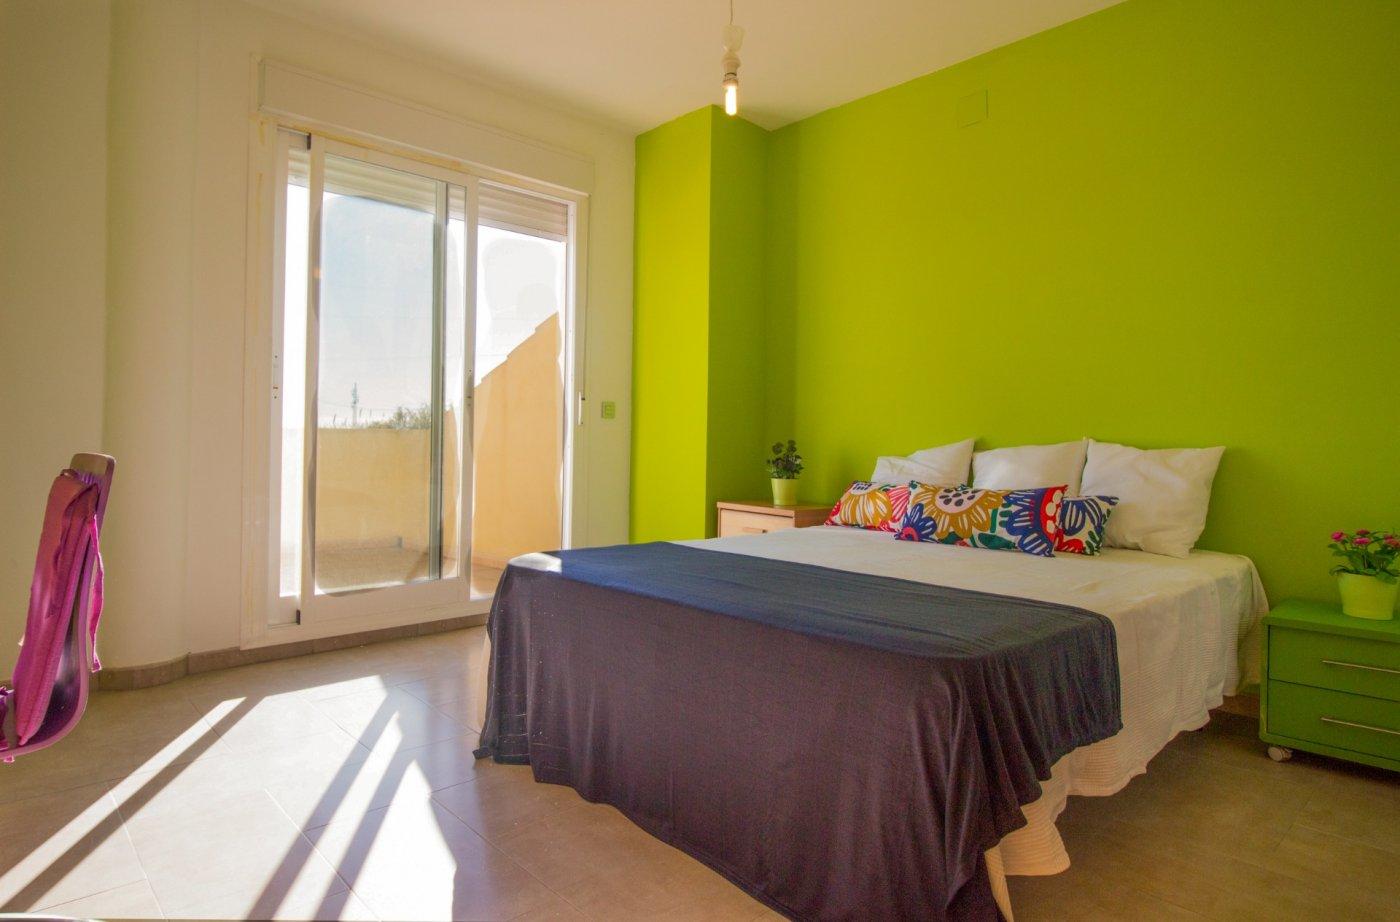 Villa de capricho en la marjalería - imagenInmueble9